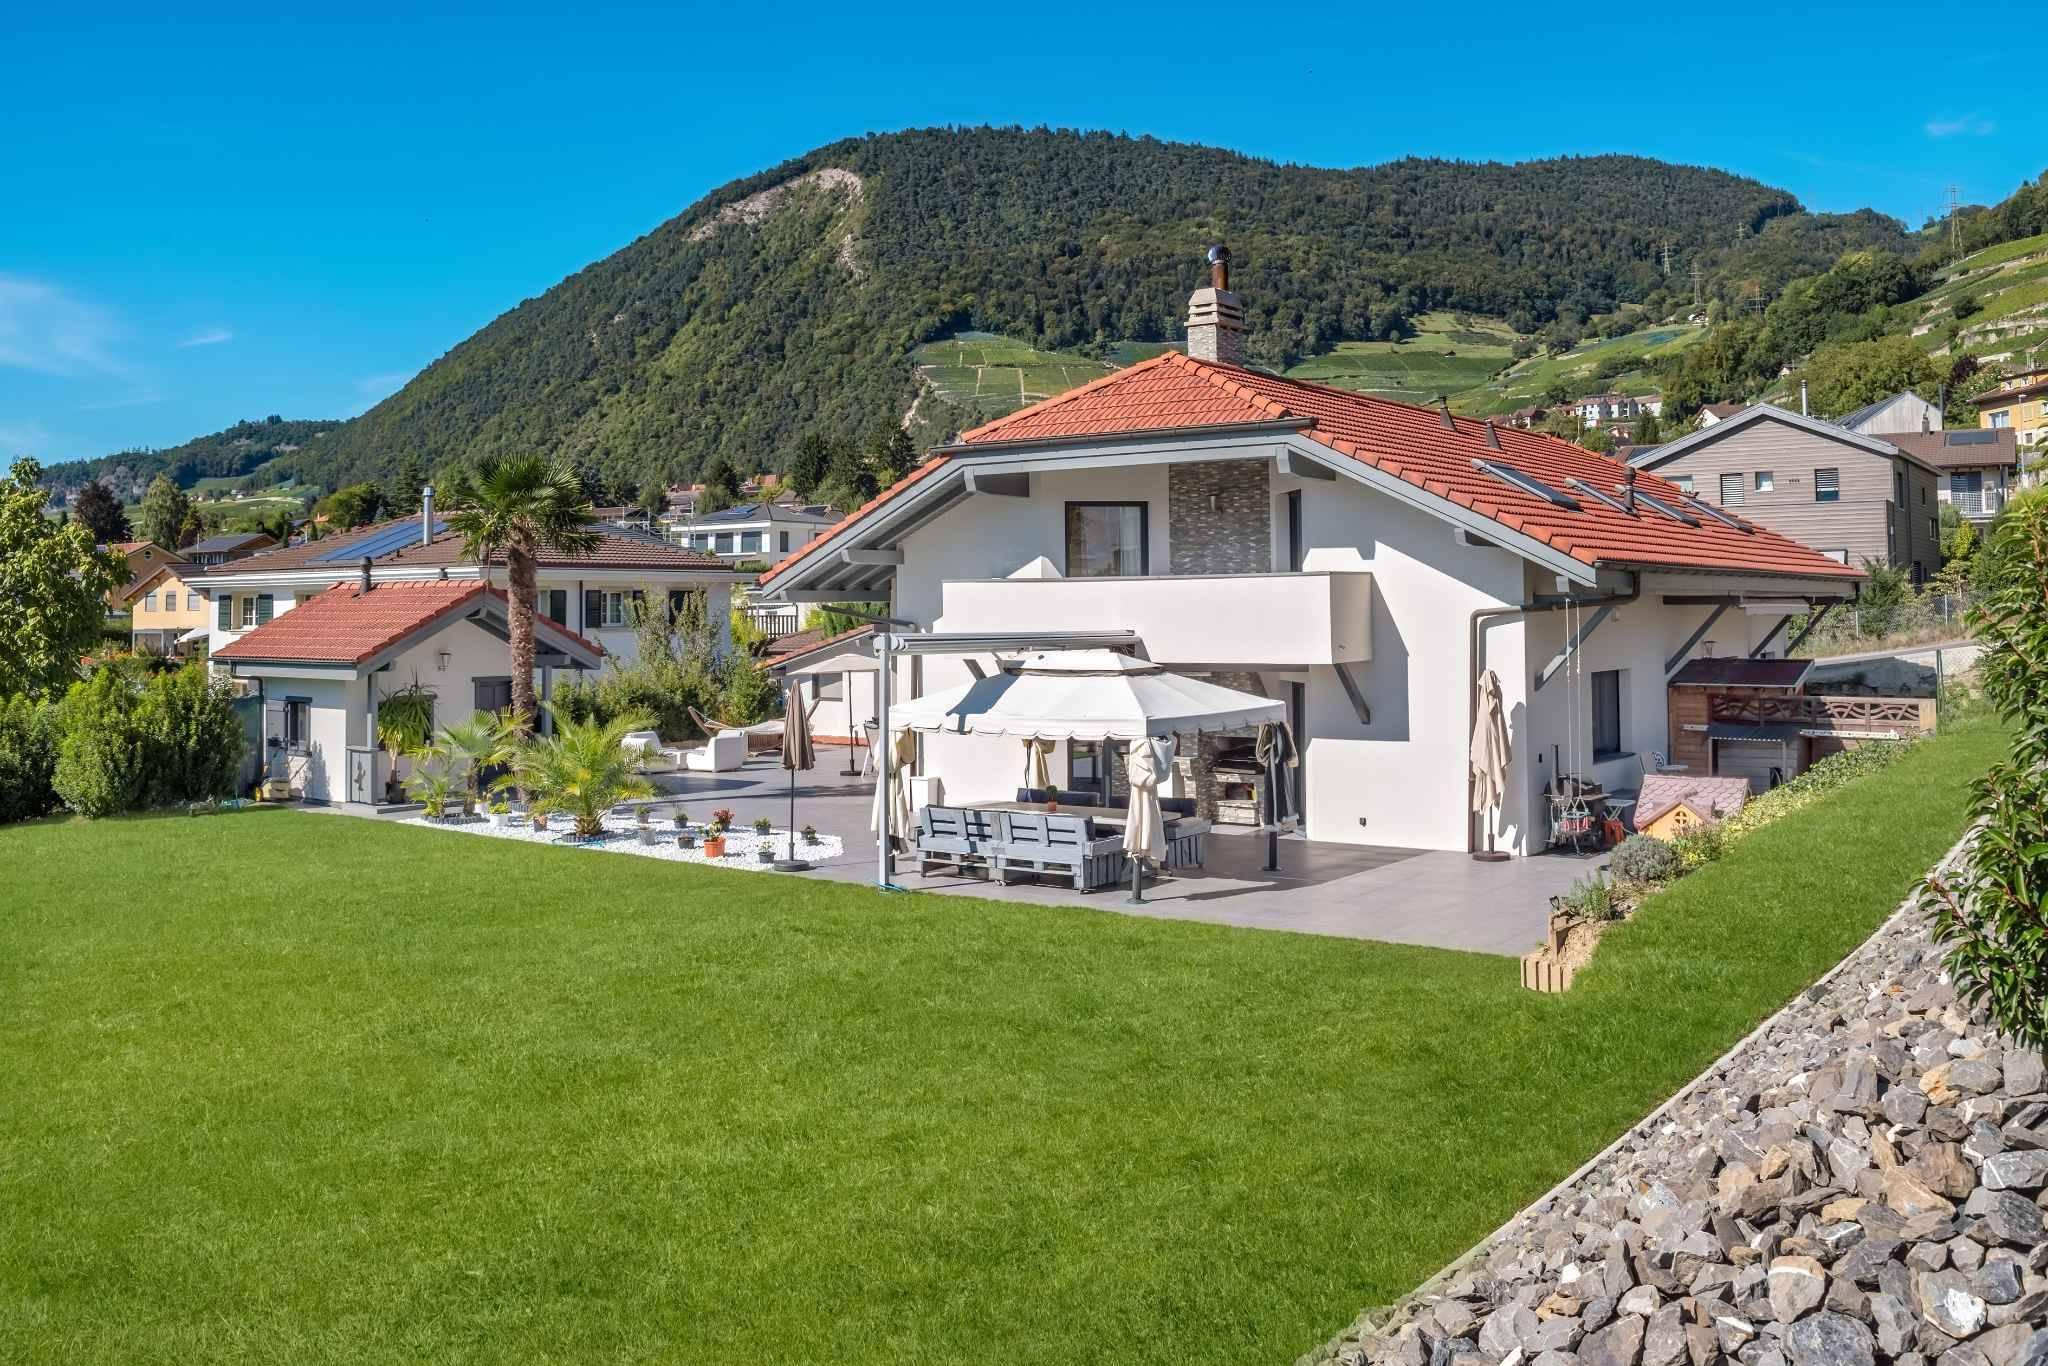 Villa individuelle de 6.5 pièces et 2.5 pièces indépendant